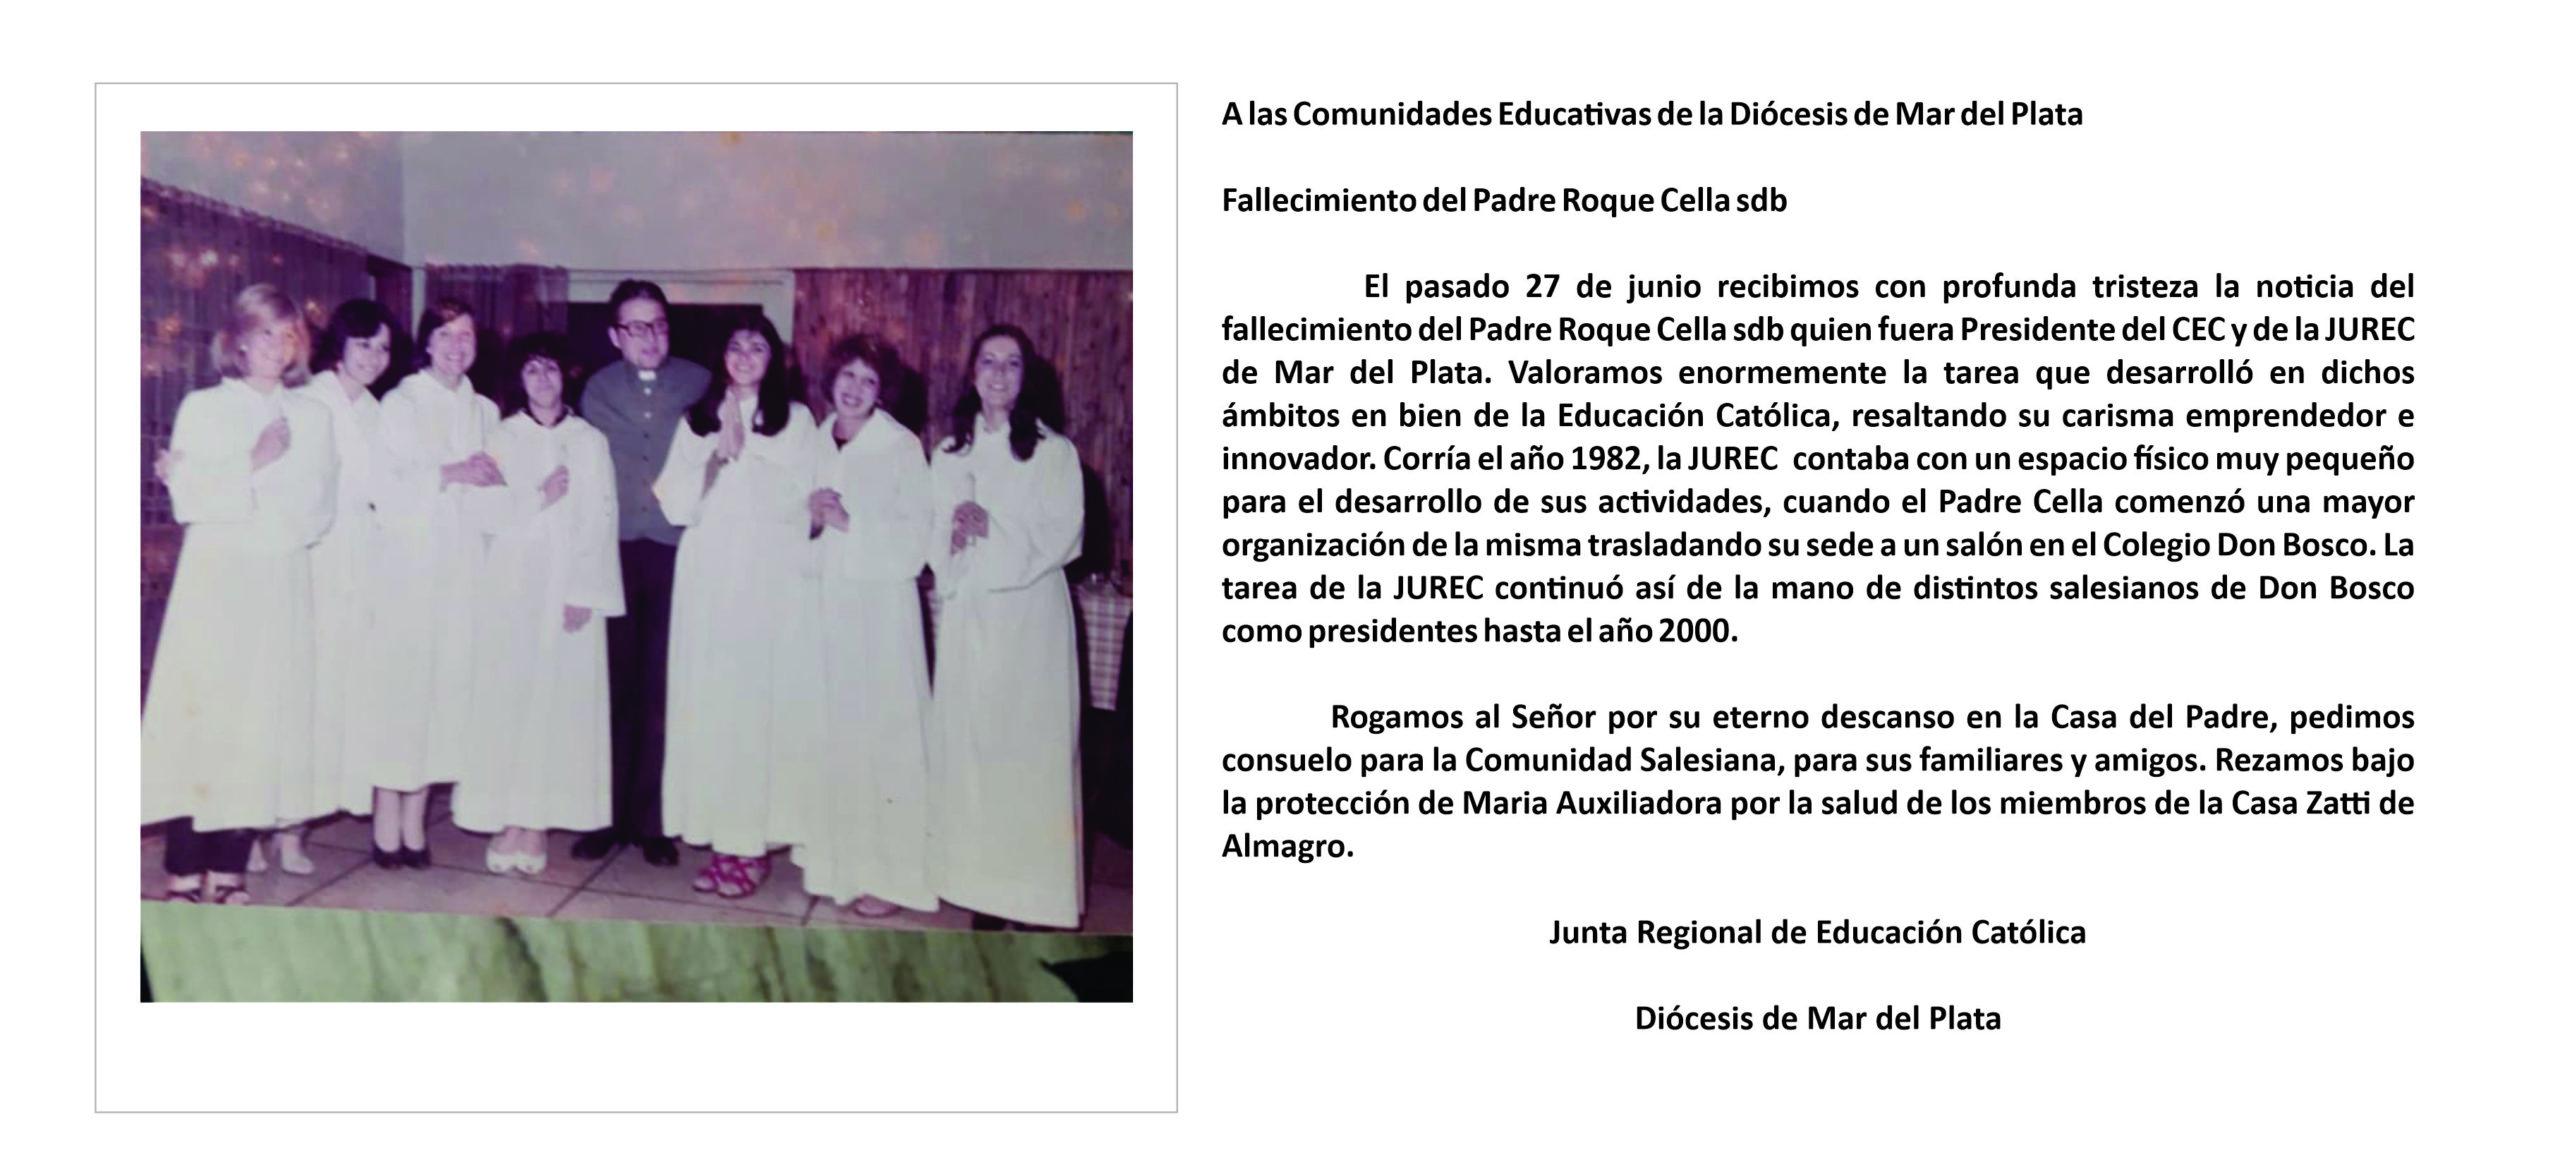 Fallecimiento del Padre Roque Cella sdb